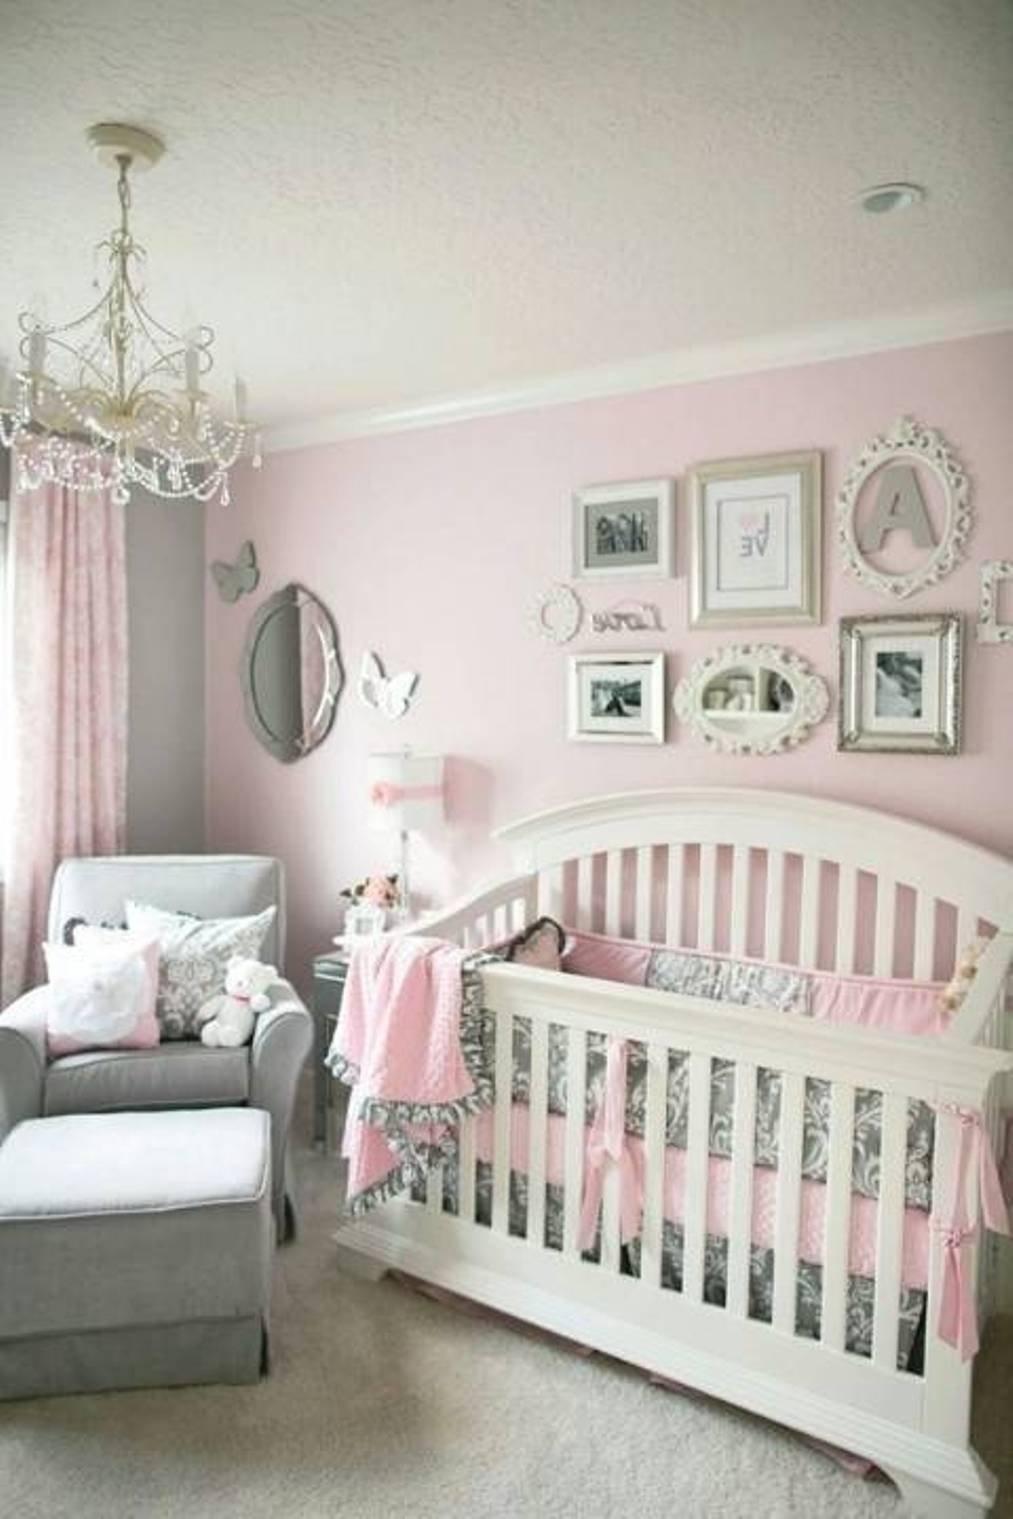 10 Cute Baby Room Ideas For A Girl decorating ideas for baby girl nursery wall decor editeestrela